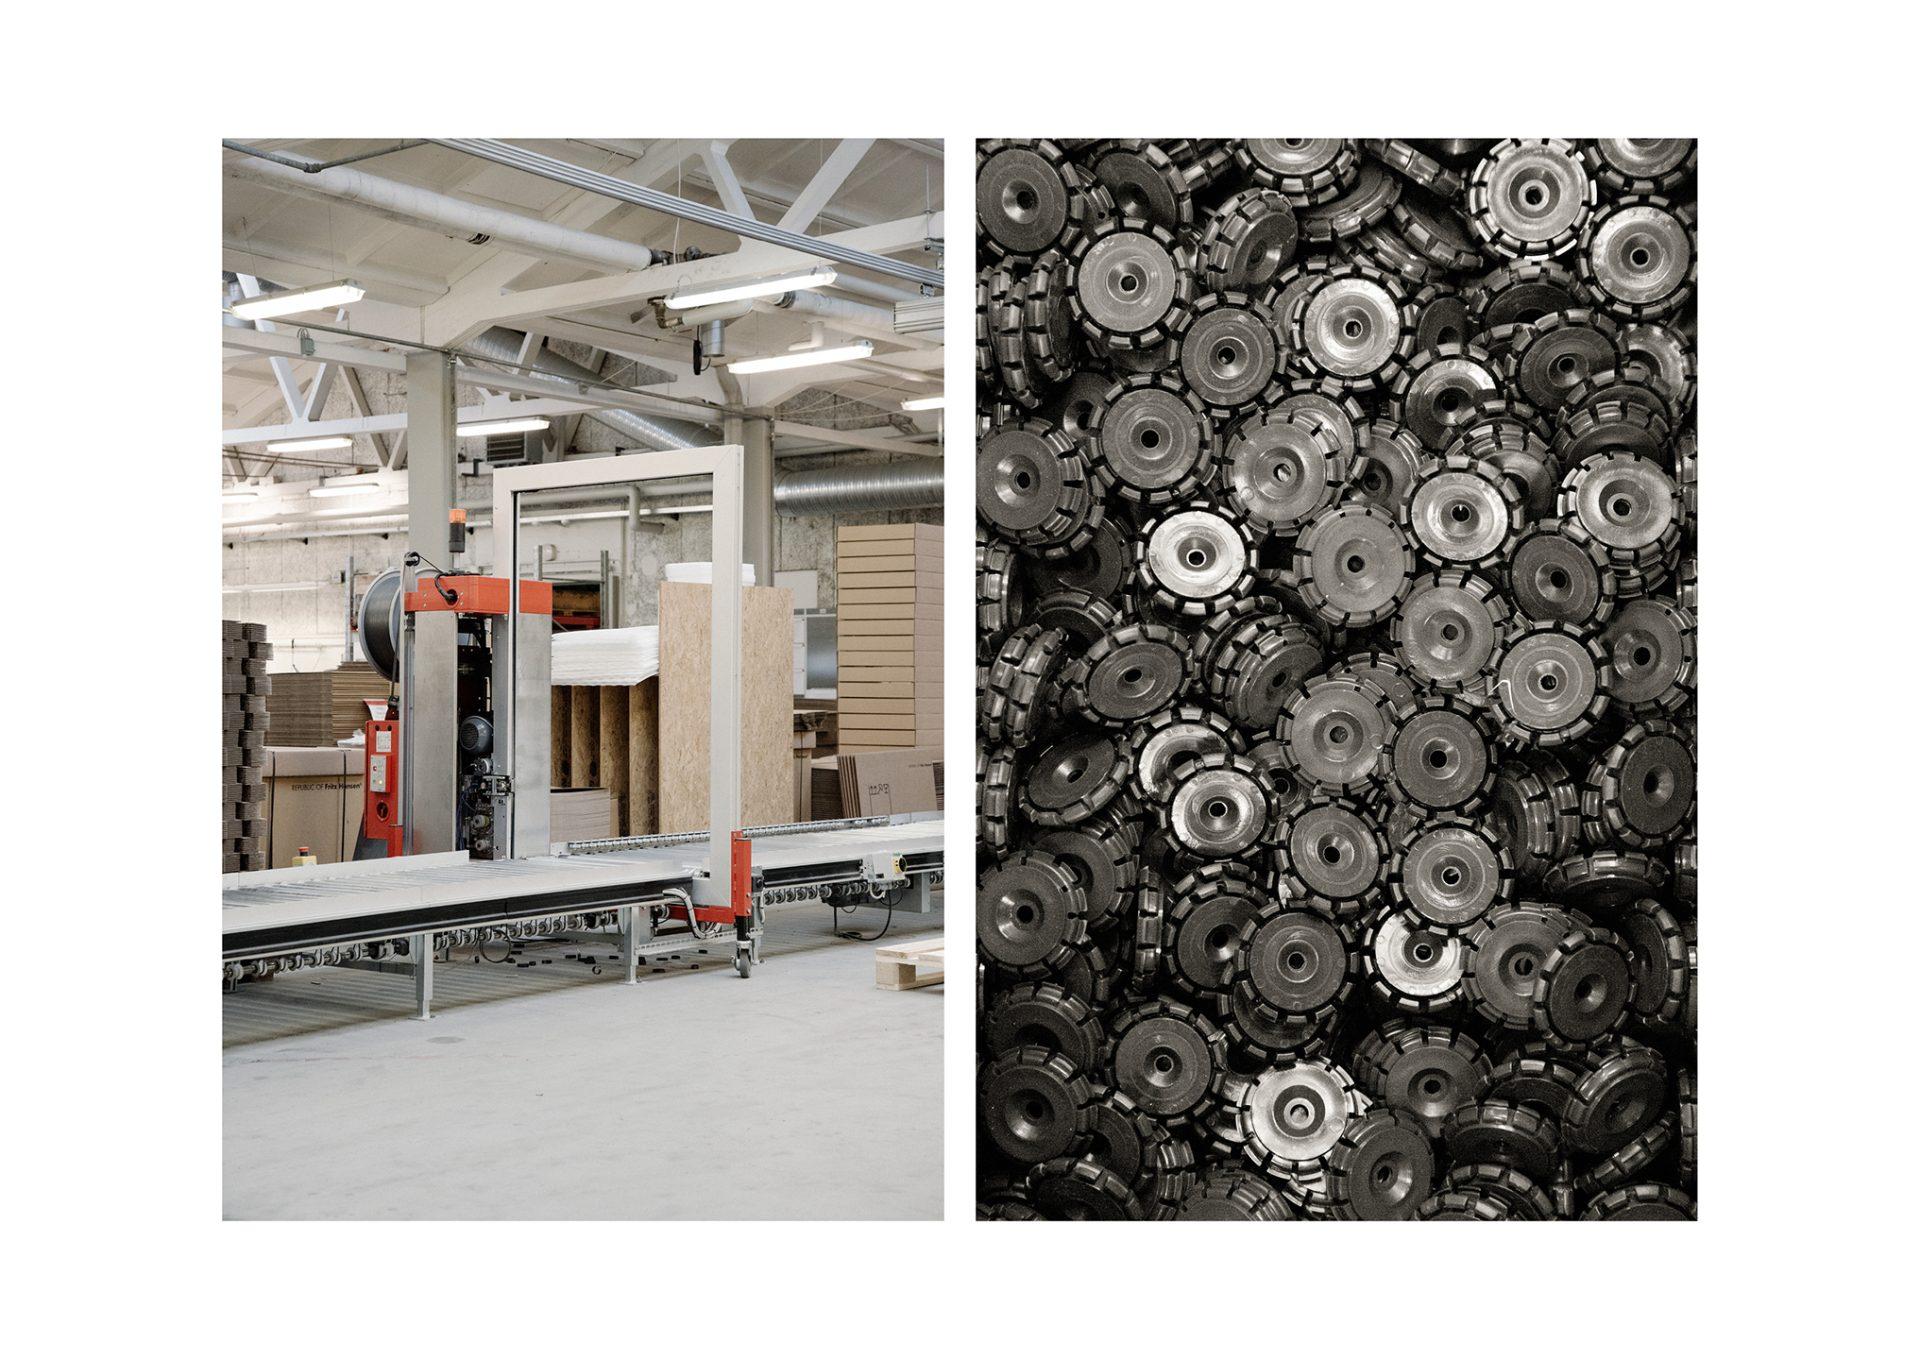 Norse Projects FW15 - kliini ja simppeli kuvausympäristö